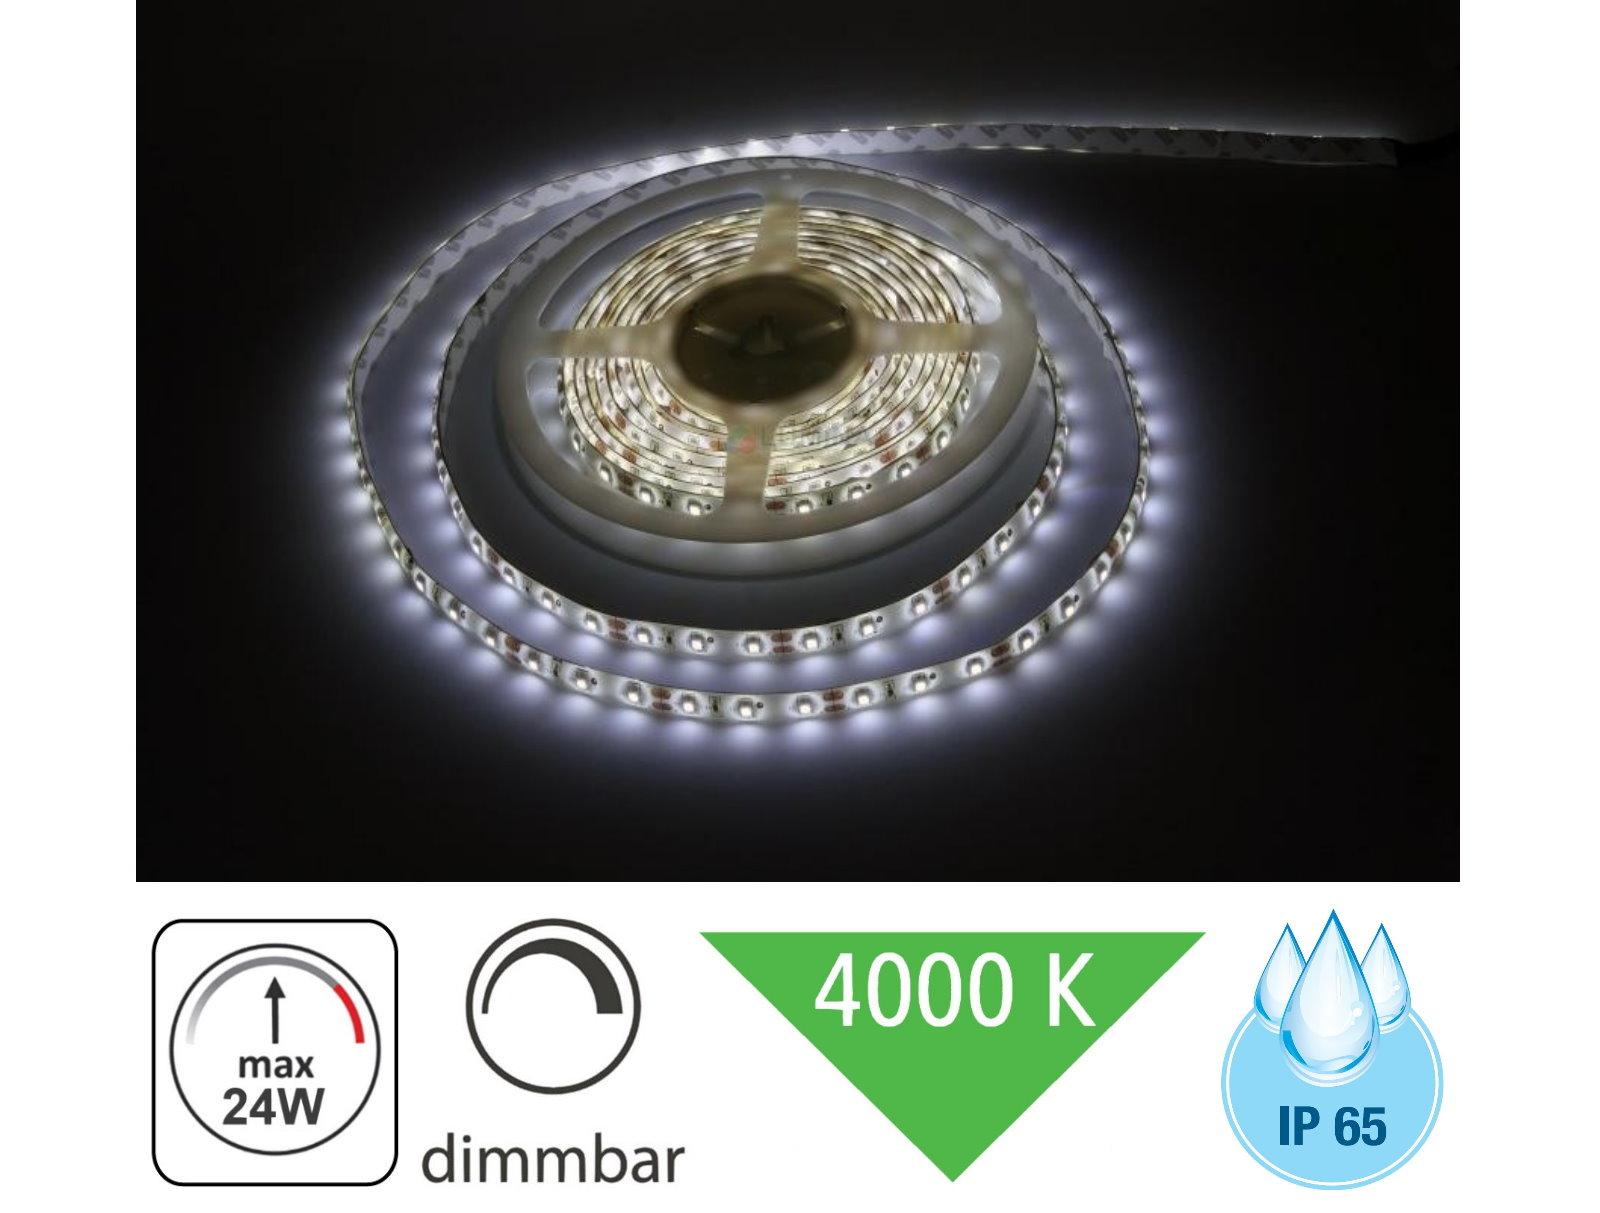 (4,98 Eur/m) Del Extérieur Stripe 5 M Ip65 Variateur - 24 W 4000k Lumineuse Feuchtraum-afficher Le Titre D'origine